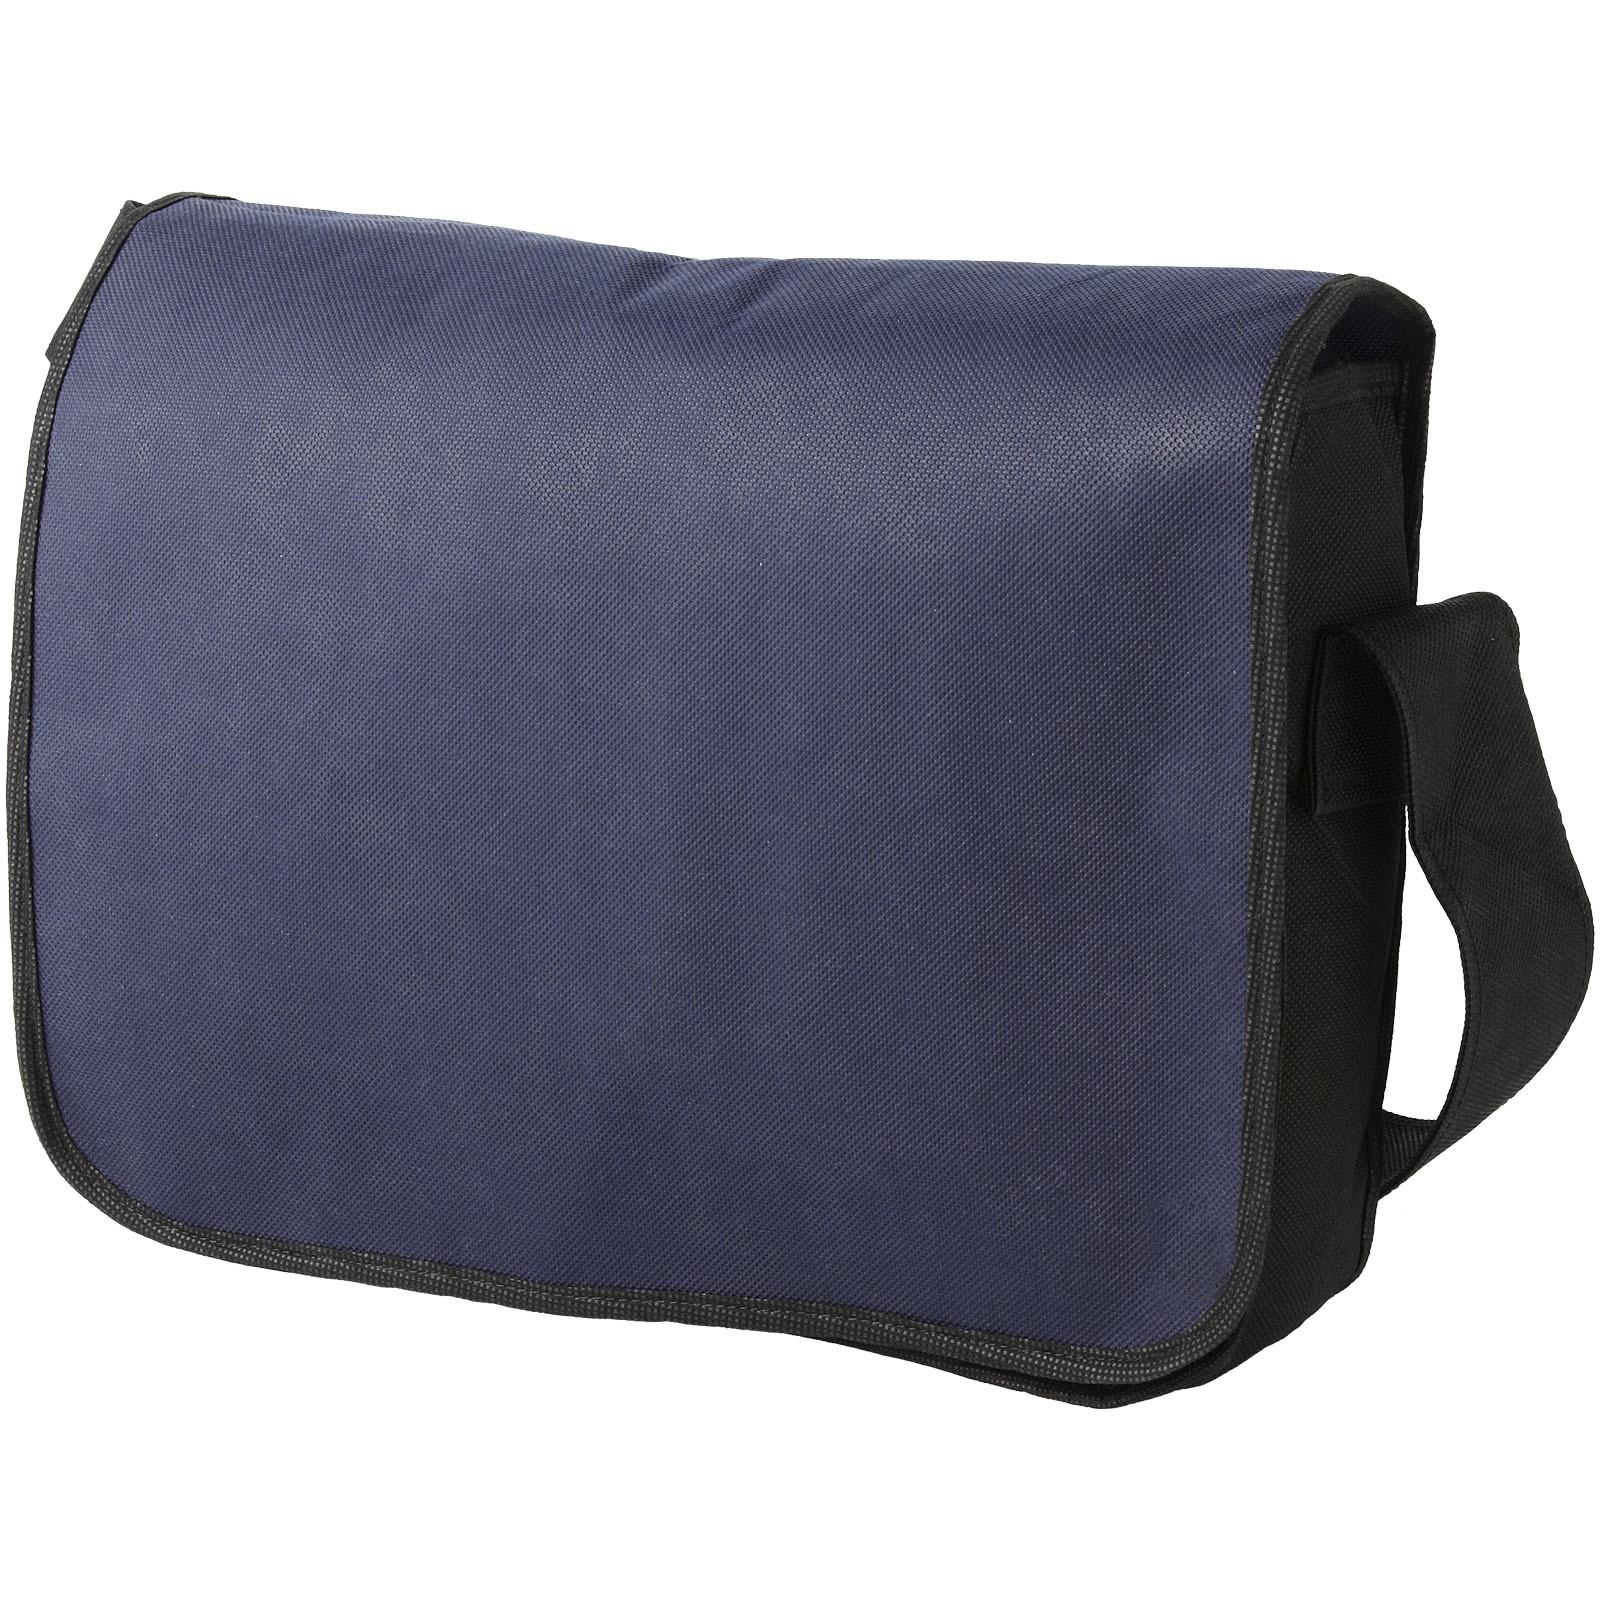 Mission messenger bag - Navy